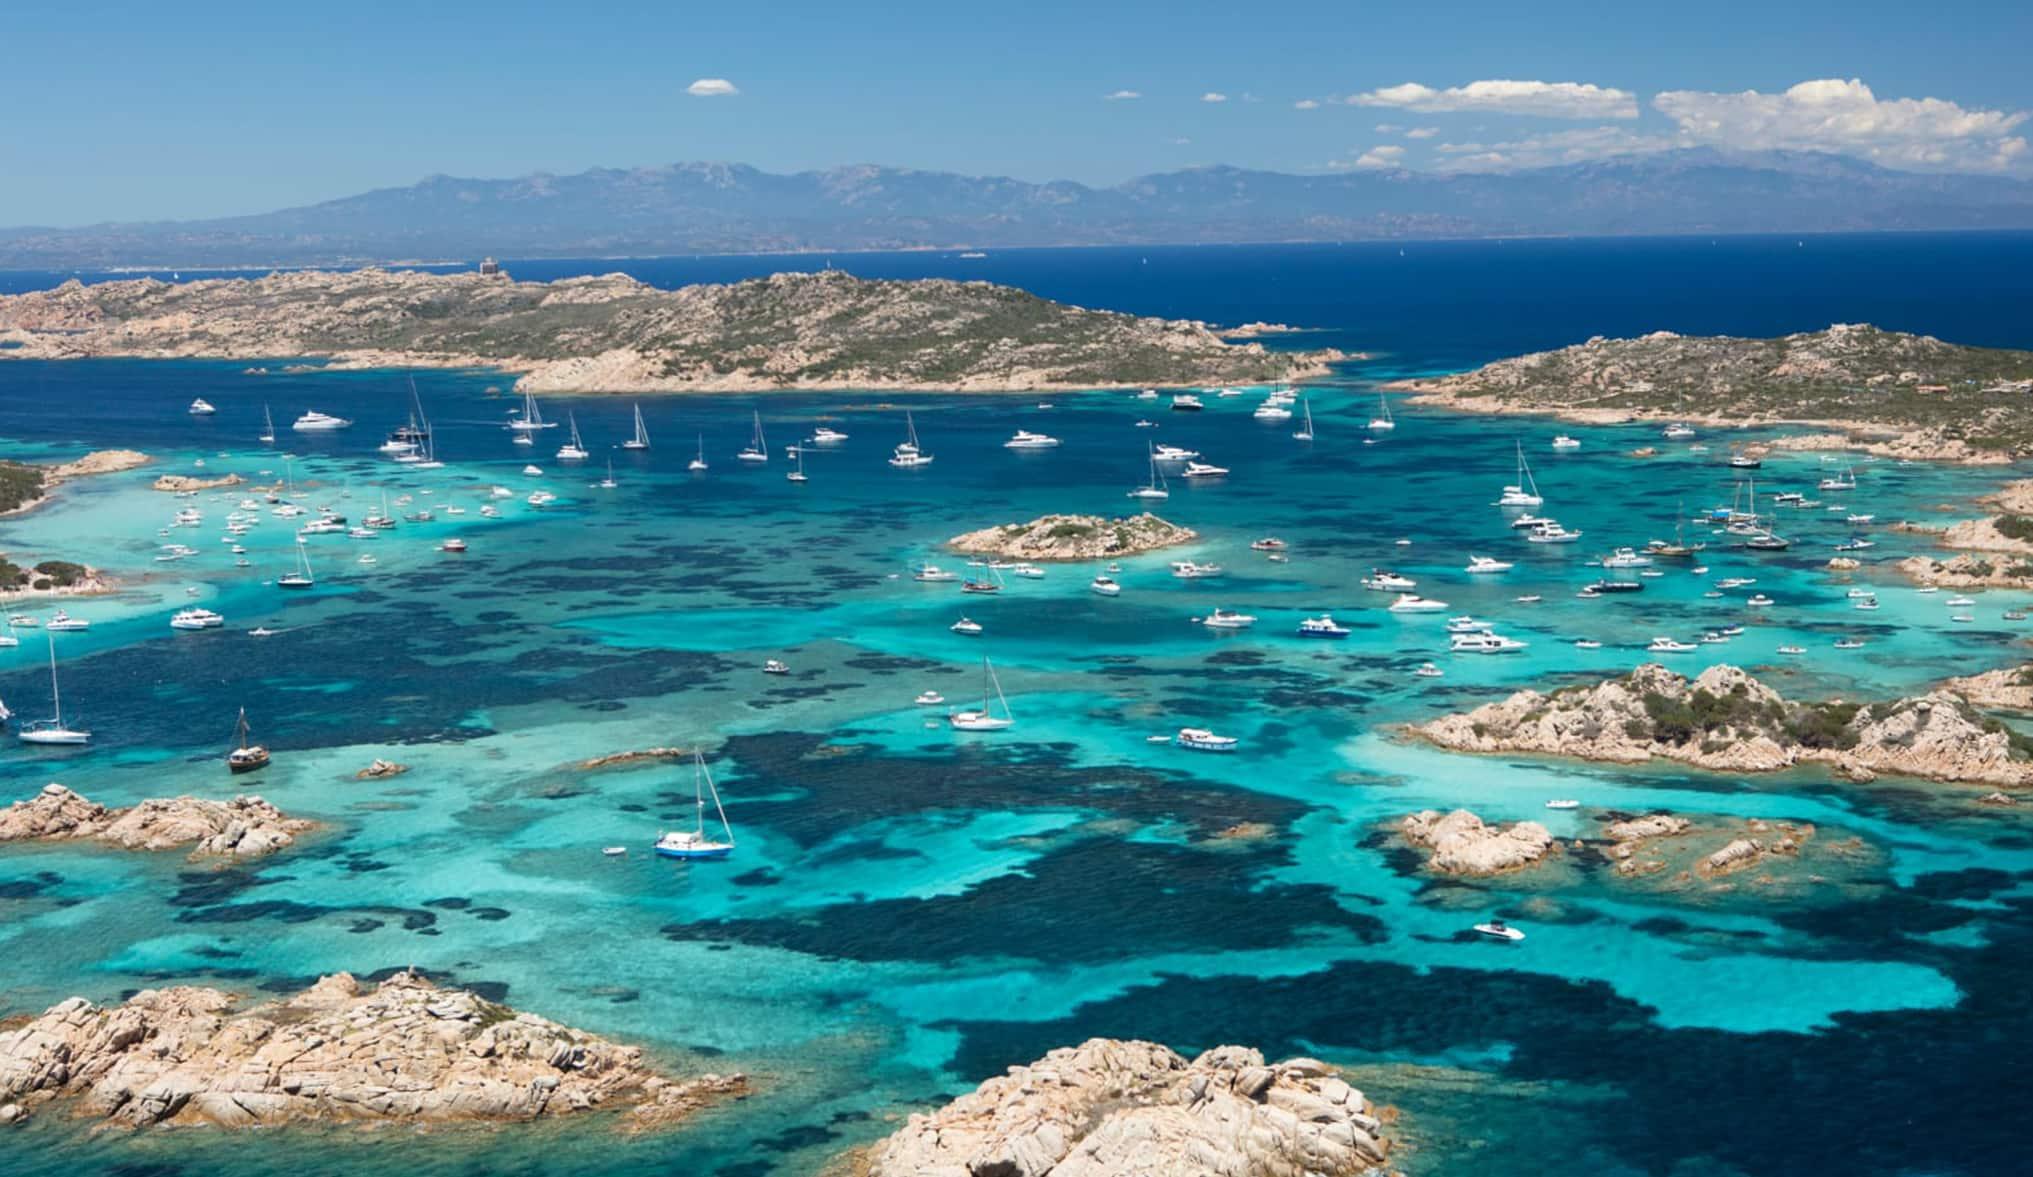 Sardinia: Costa Smerald a Scenic Flight – La Casitta lunch stop